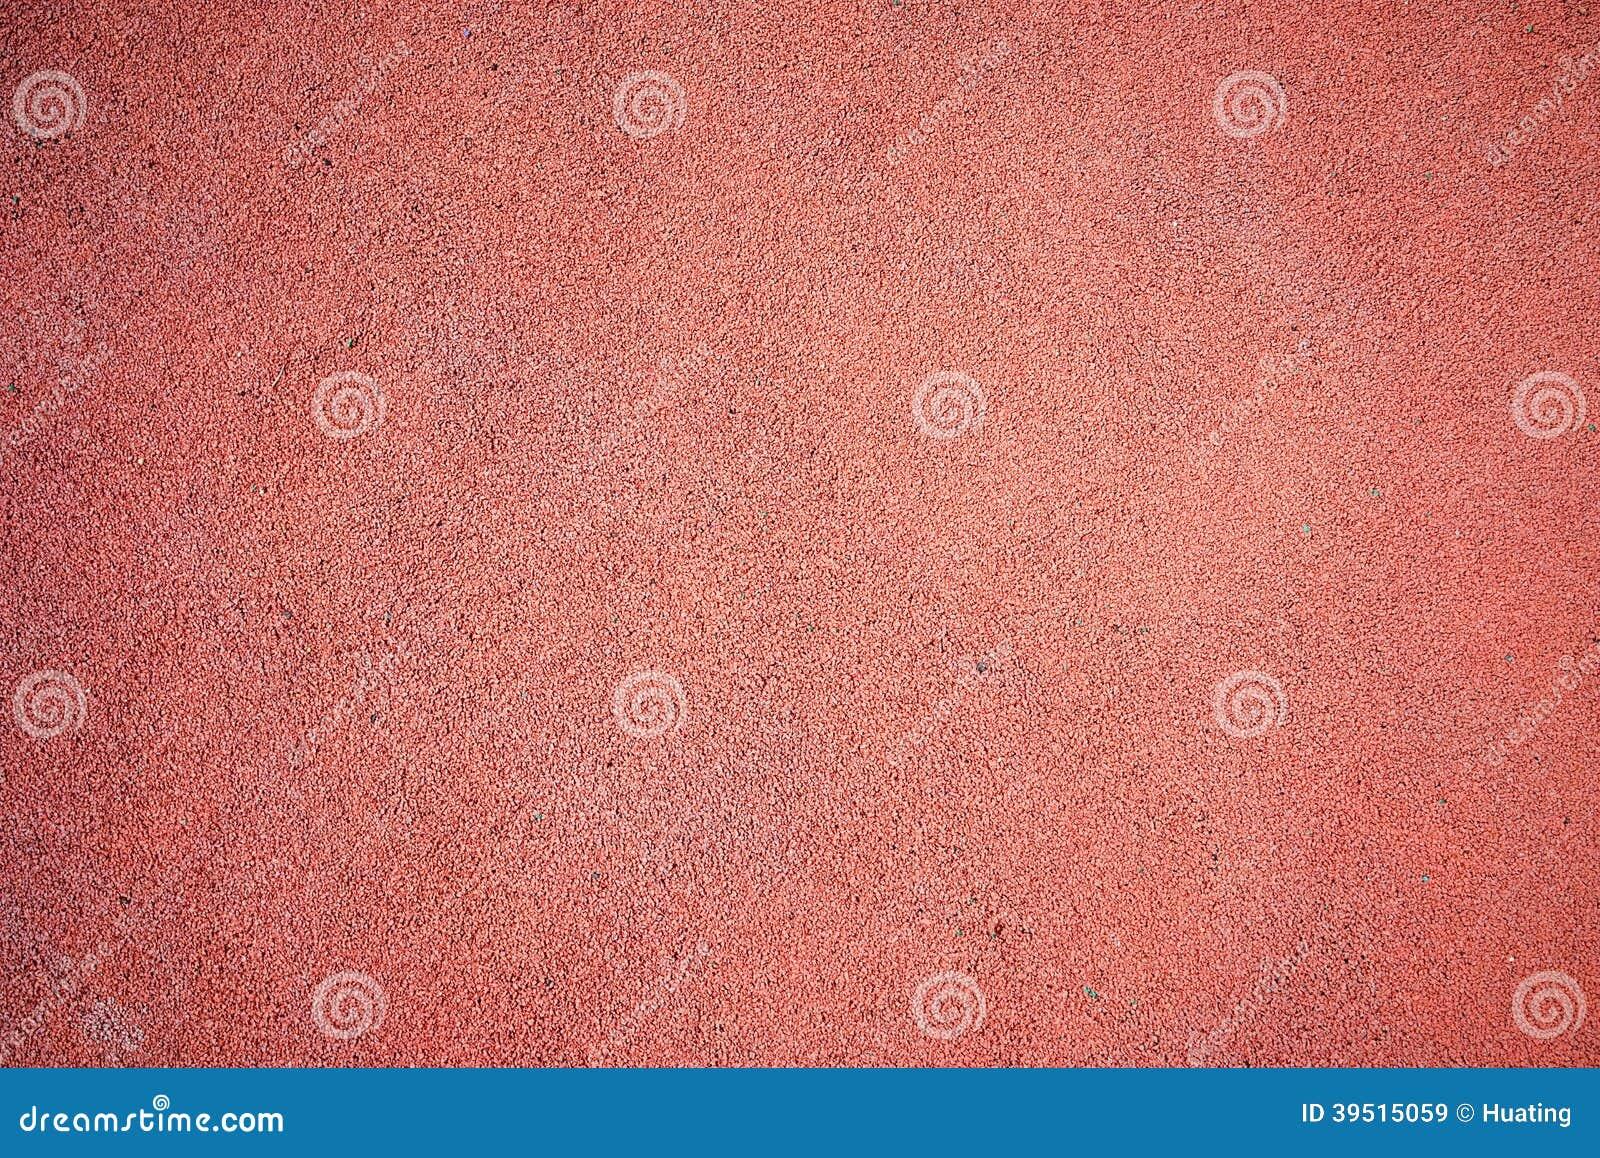 Color asphalt